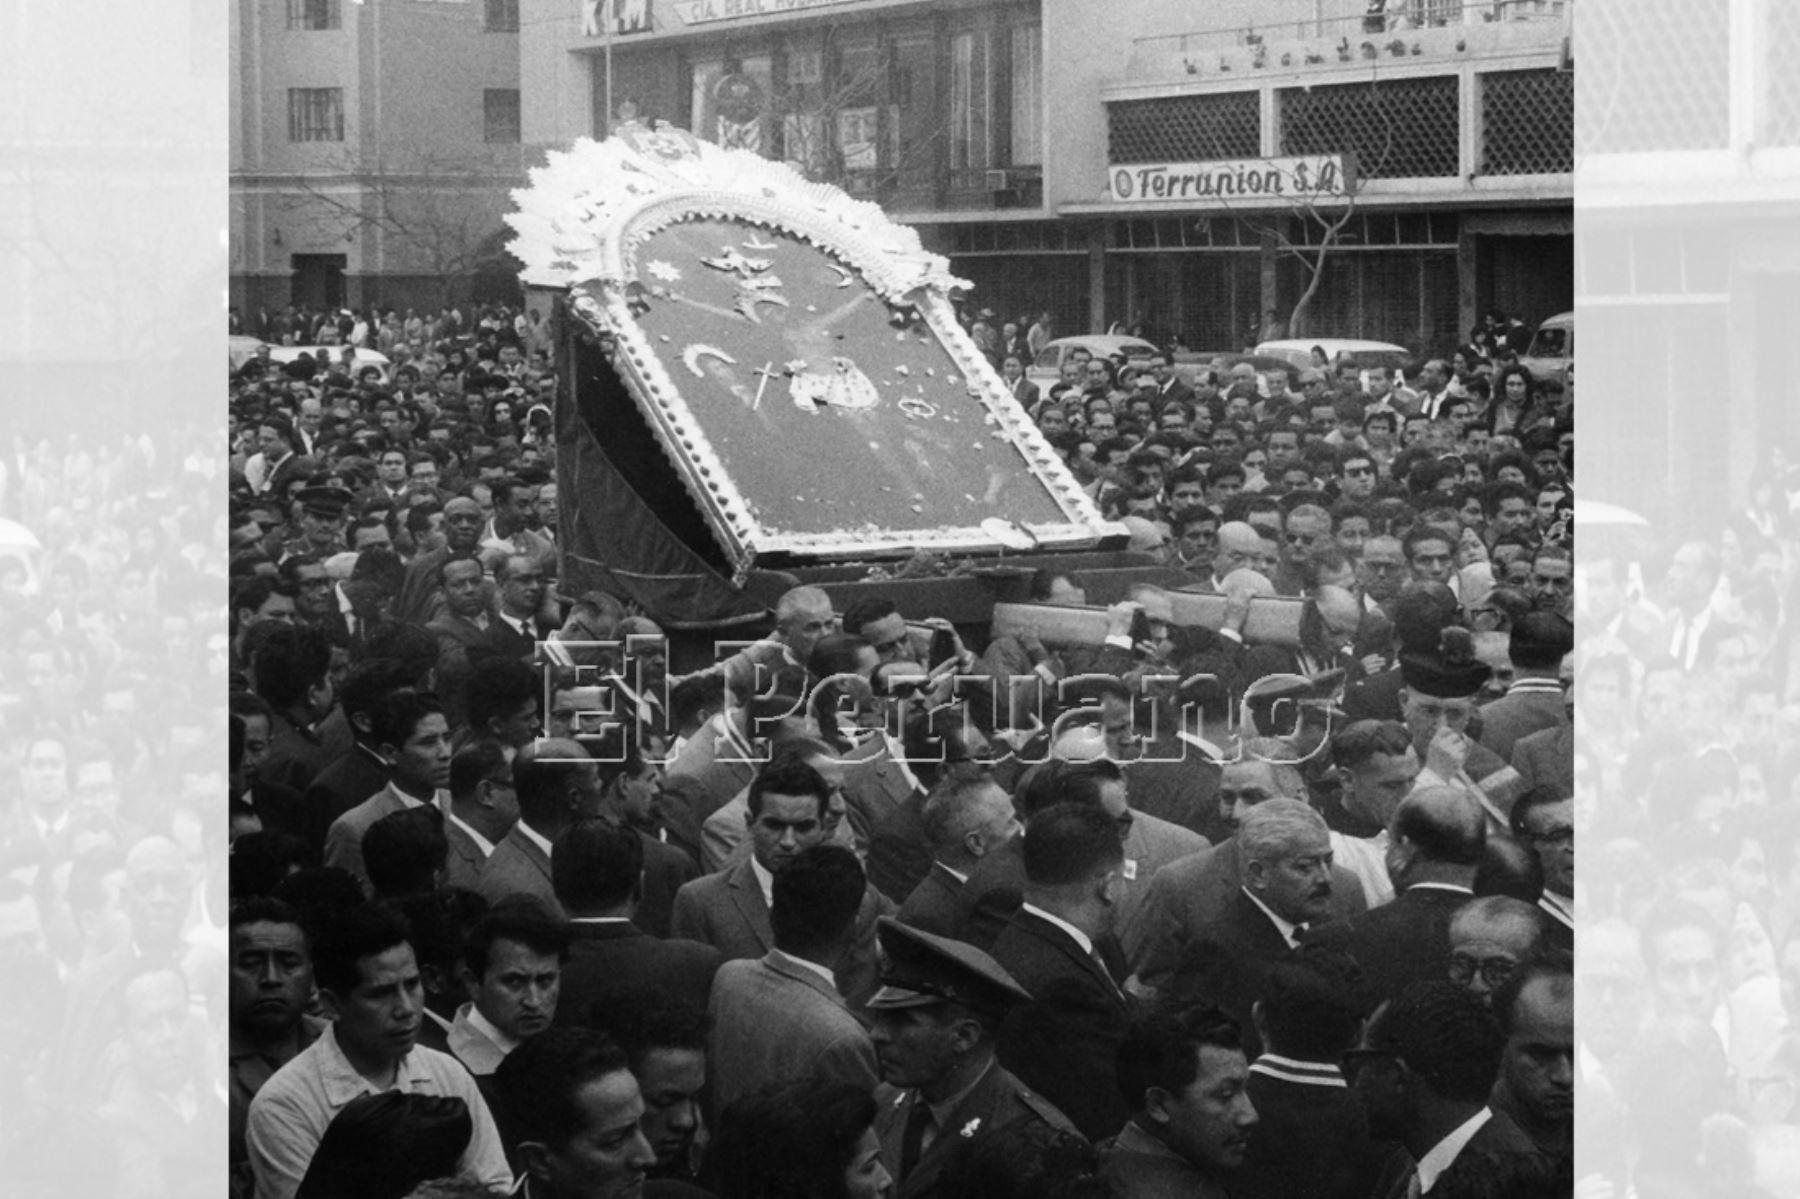 Lima - 6 octubre 1962 / Traslado de la imagen del Señor de los Milagros de la capilla al Templo de las Nazarenas. Centenares de devotos colmaron cerca de dos cuadras en su recorrido procesional. Foto: Archivo Histórico de EL PERUANO.